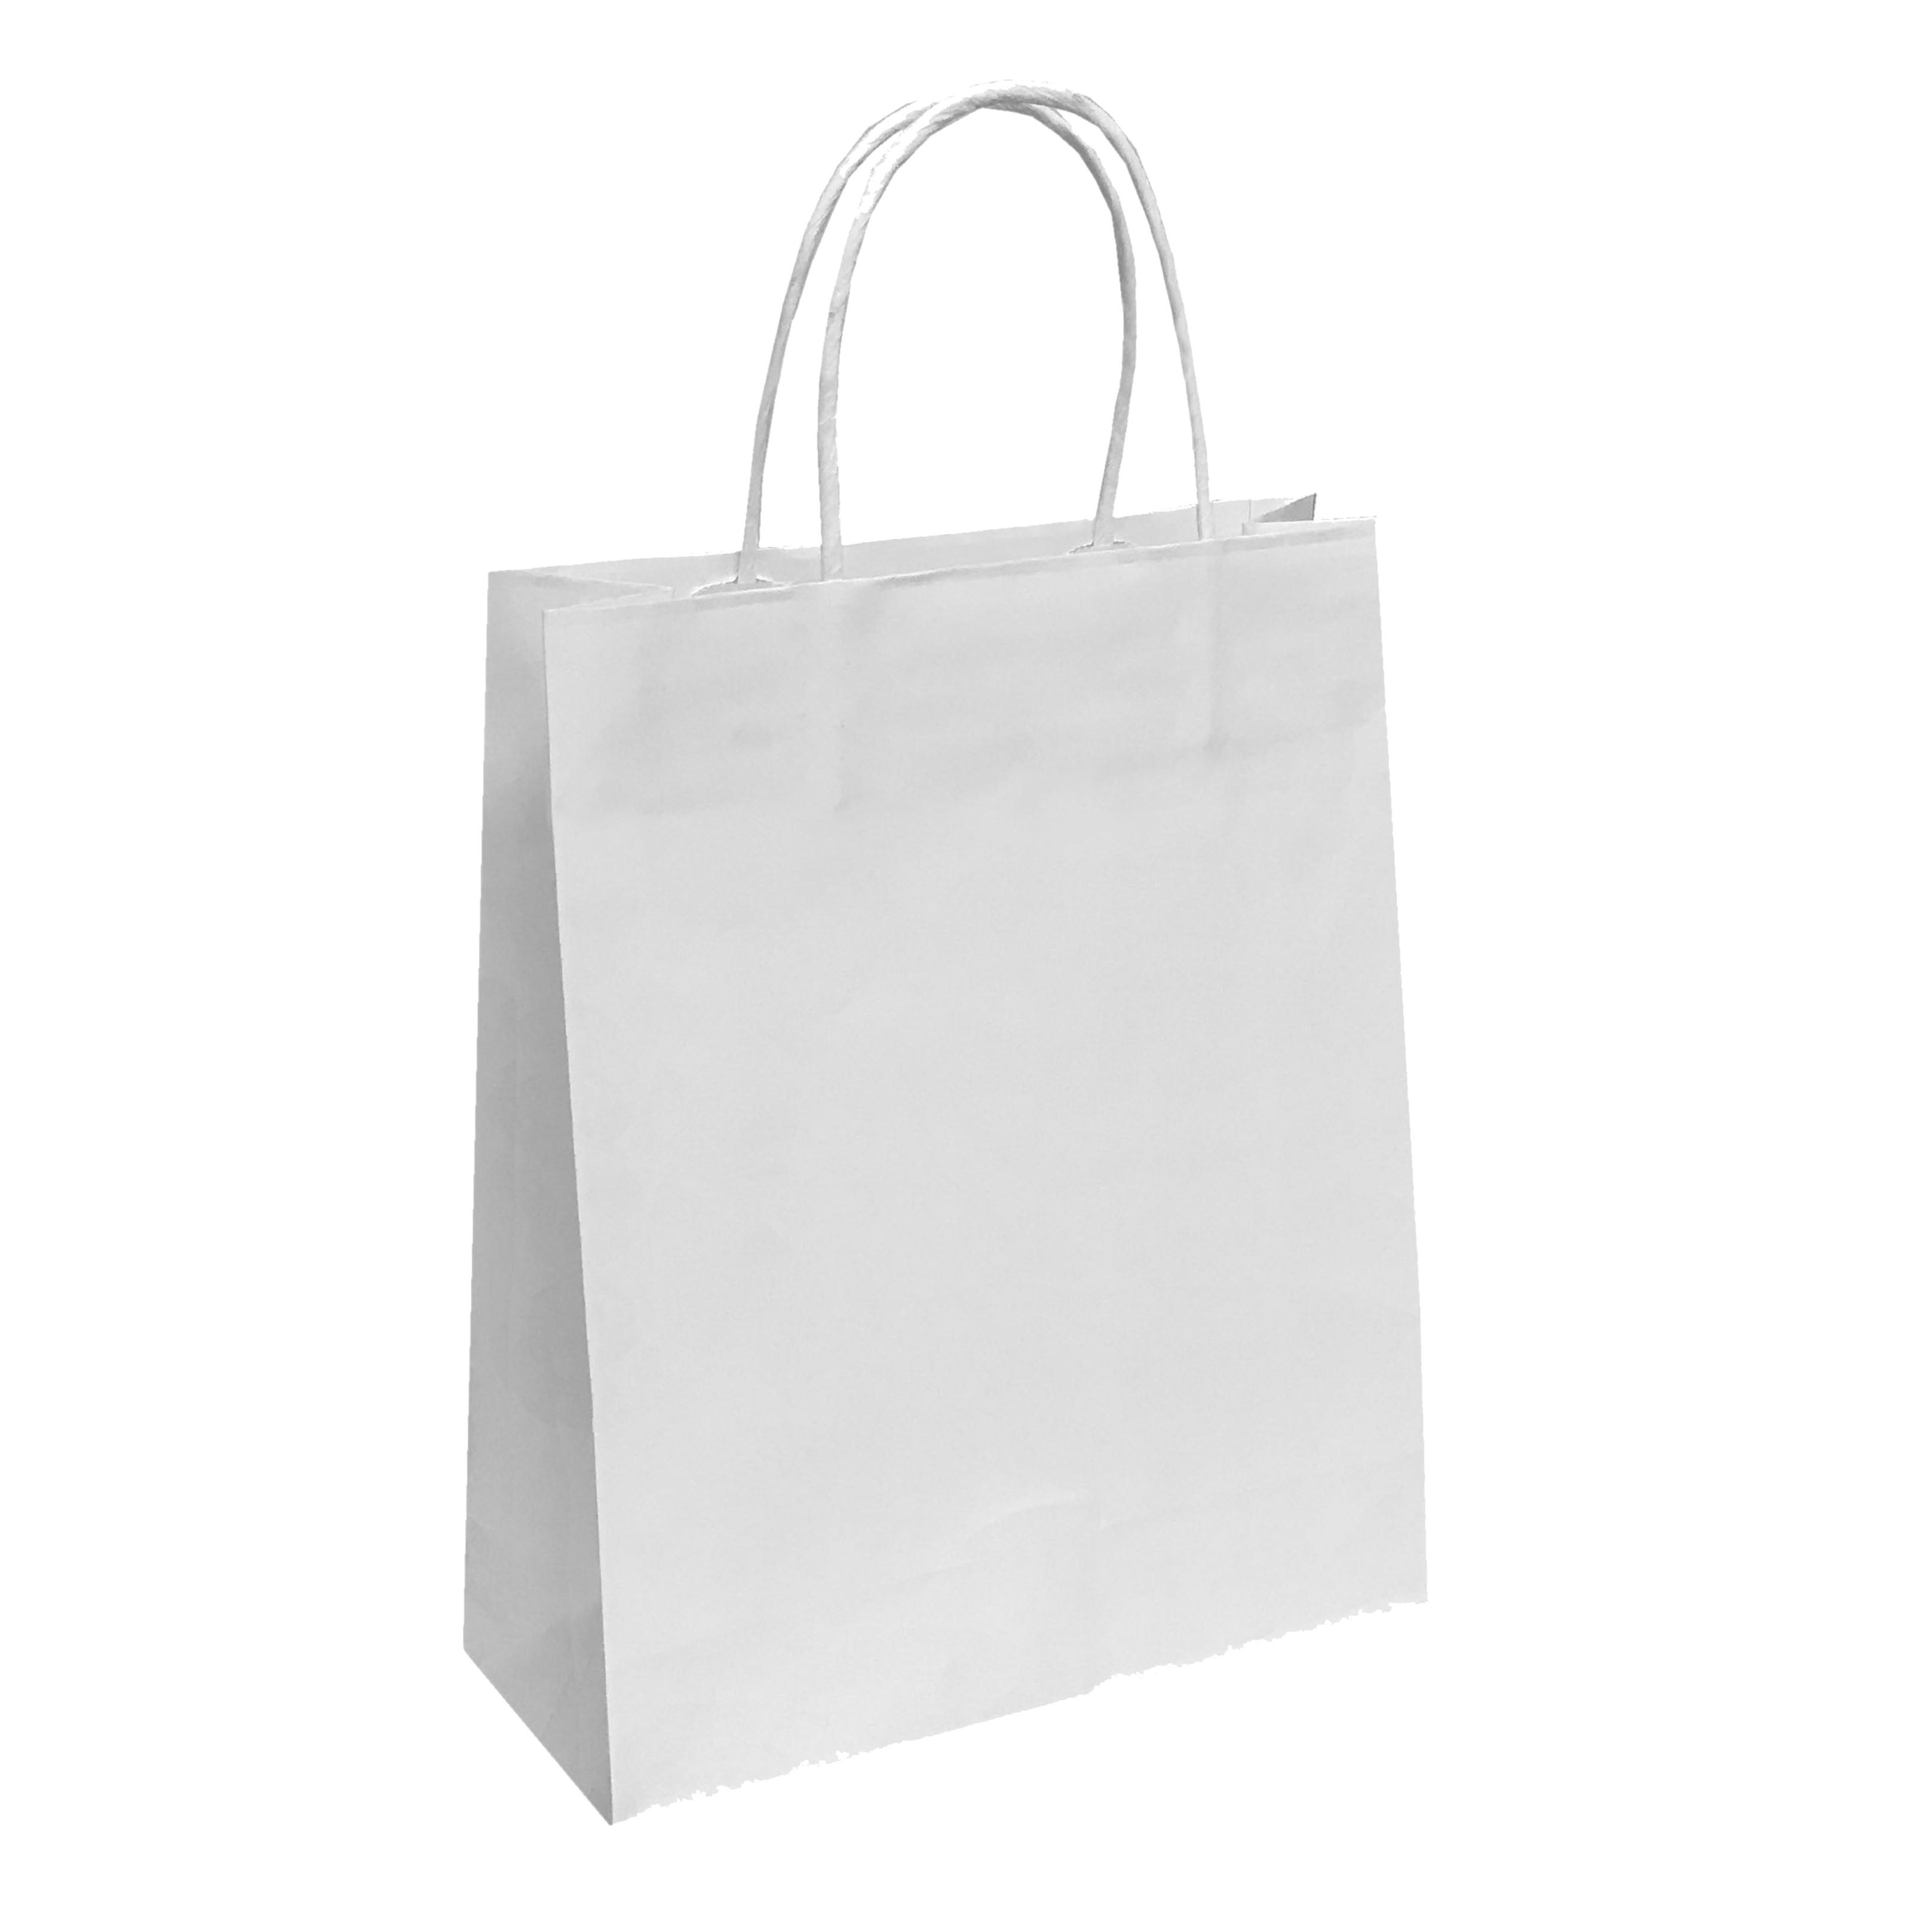 特價J-CUT覆口紙袋